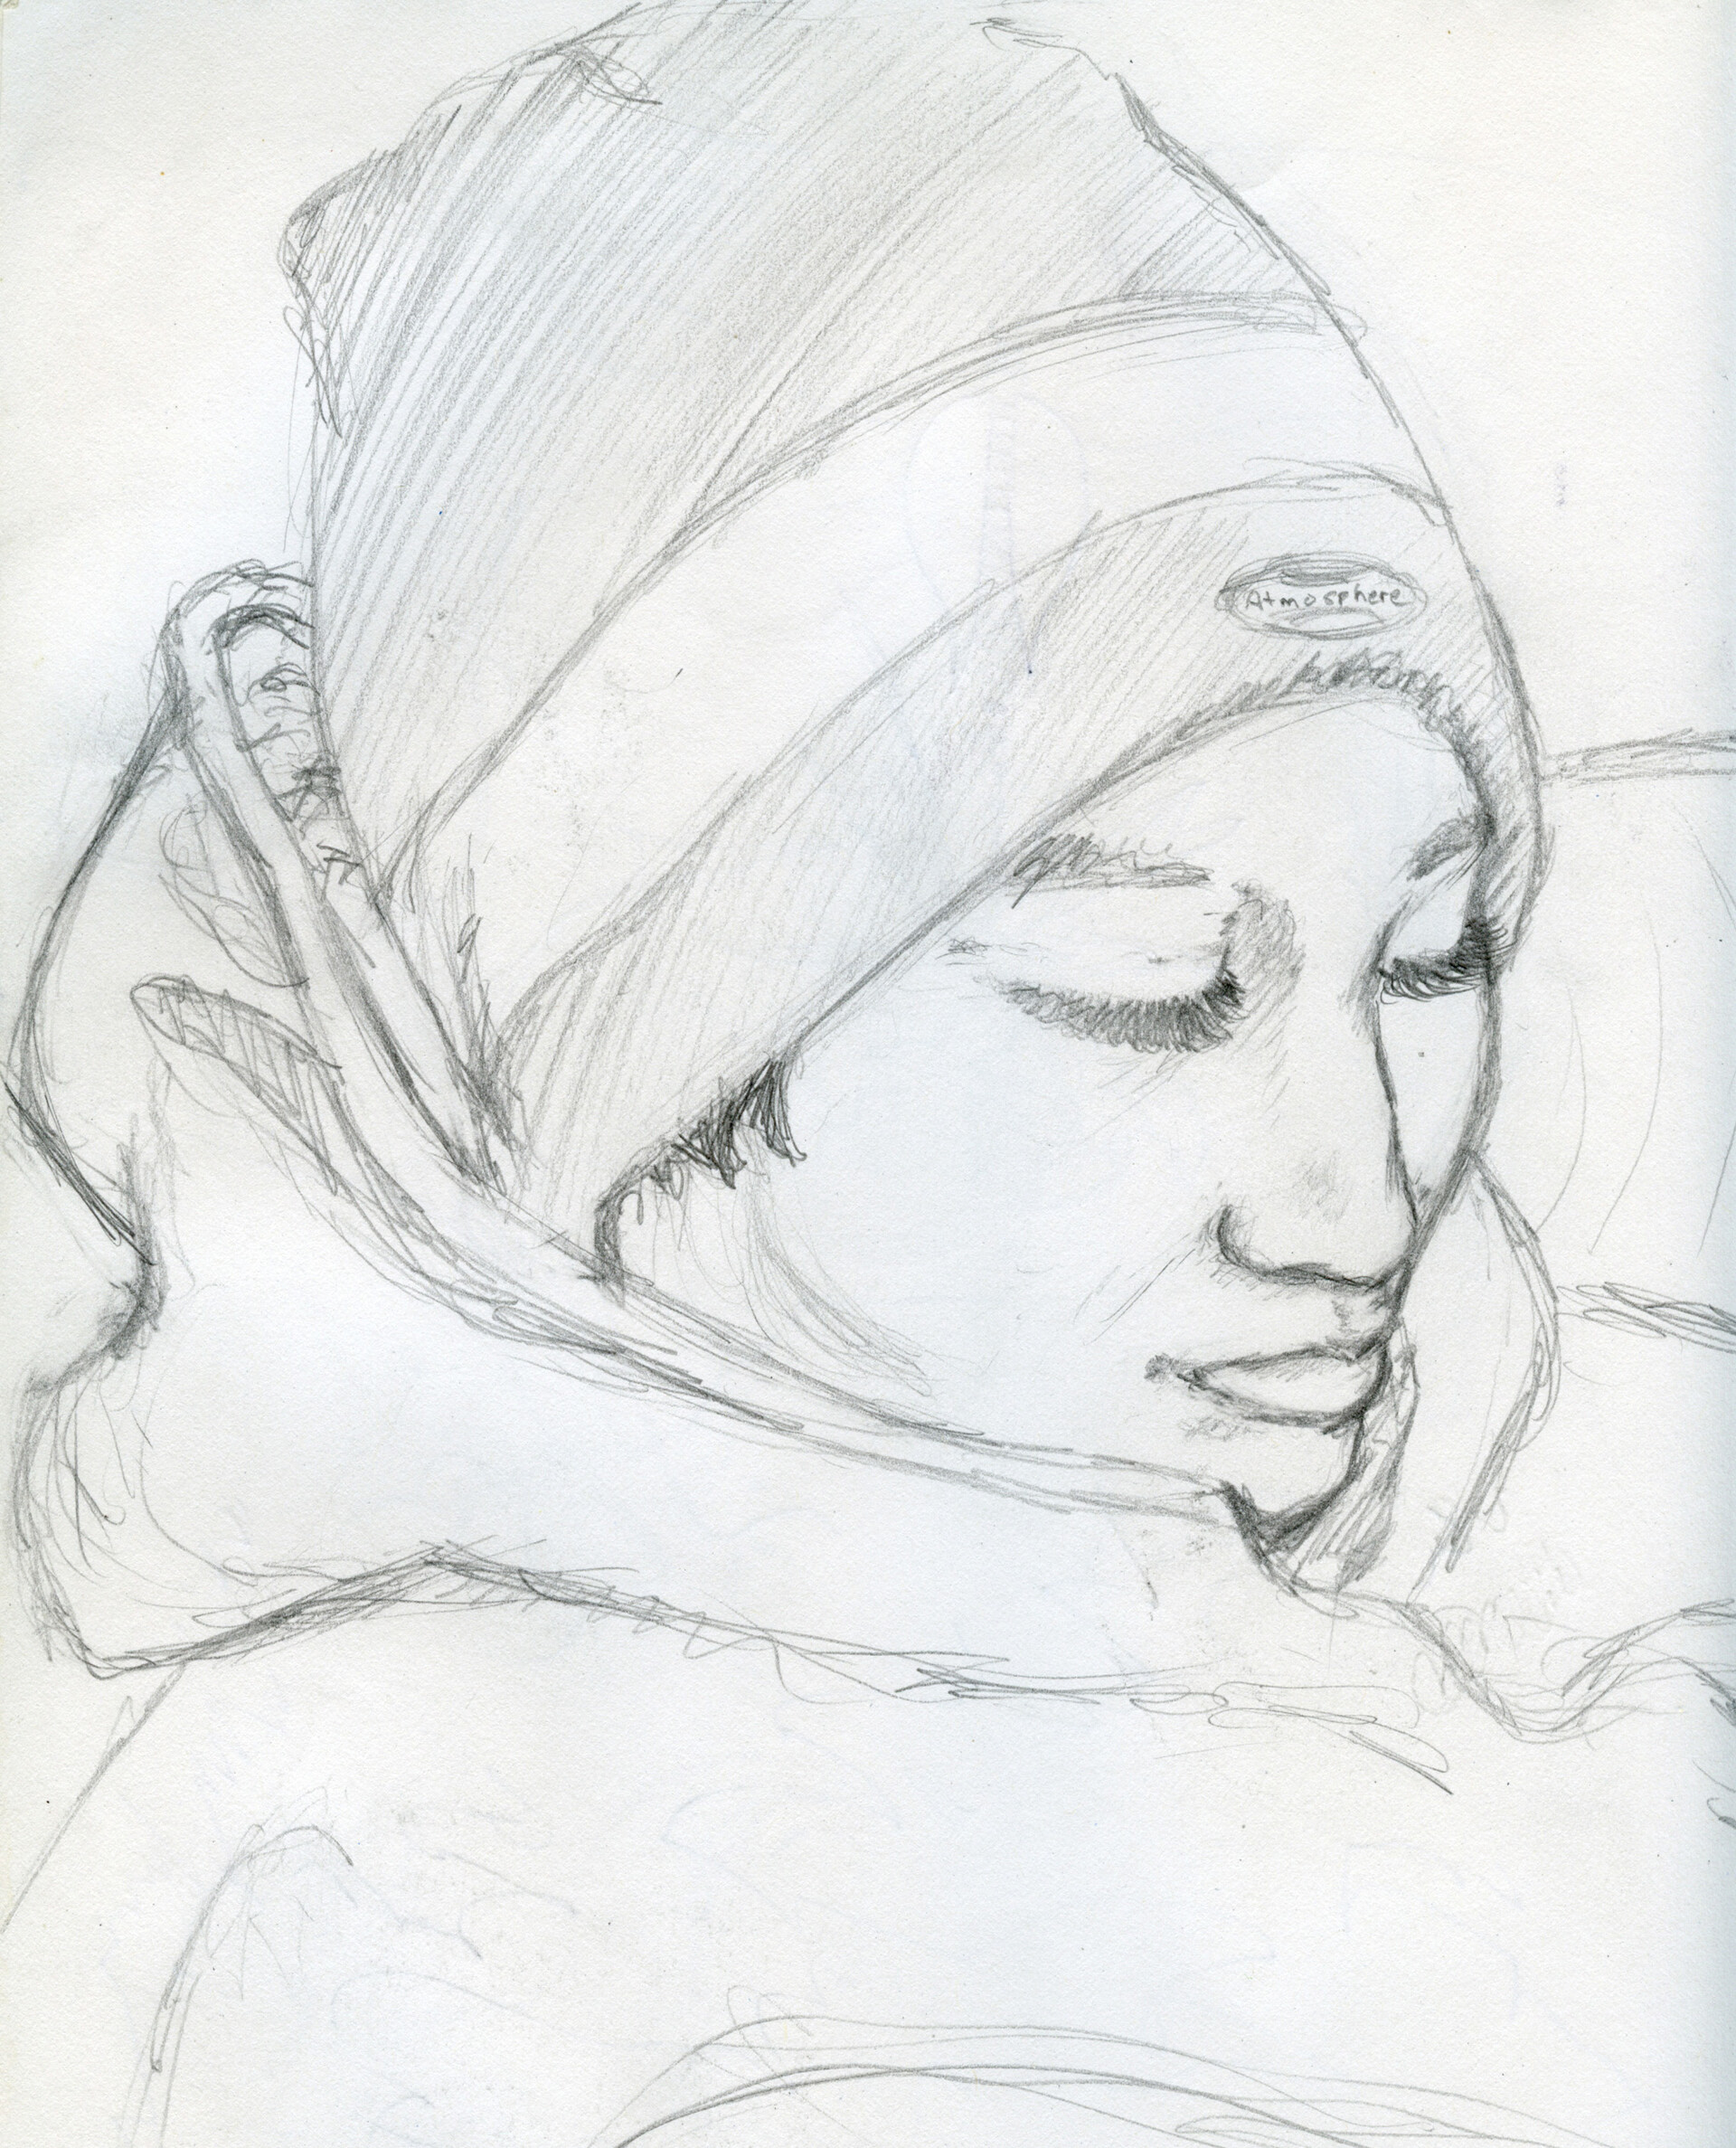 Snowboard Chick Portrait Sketch